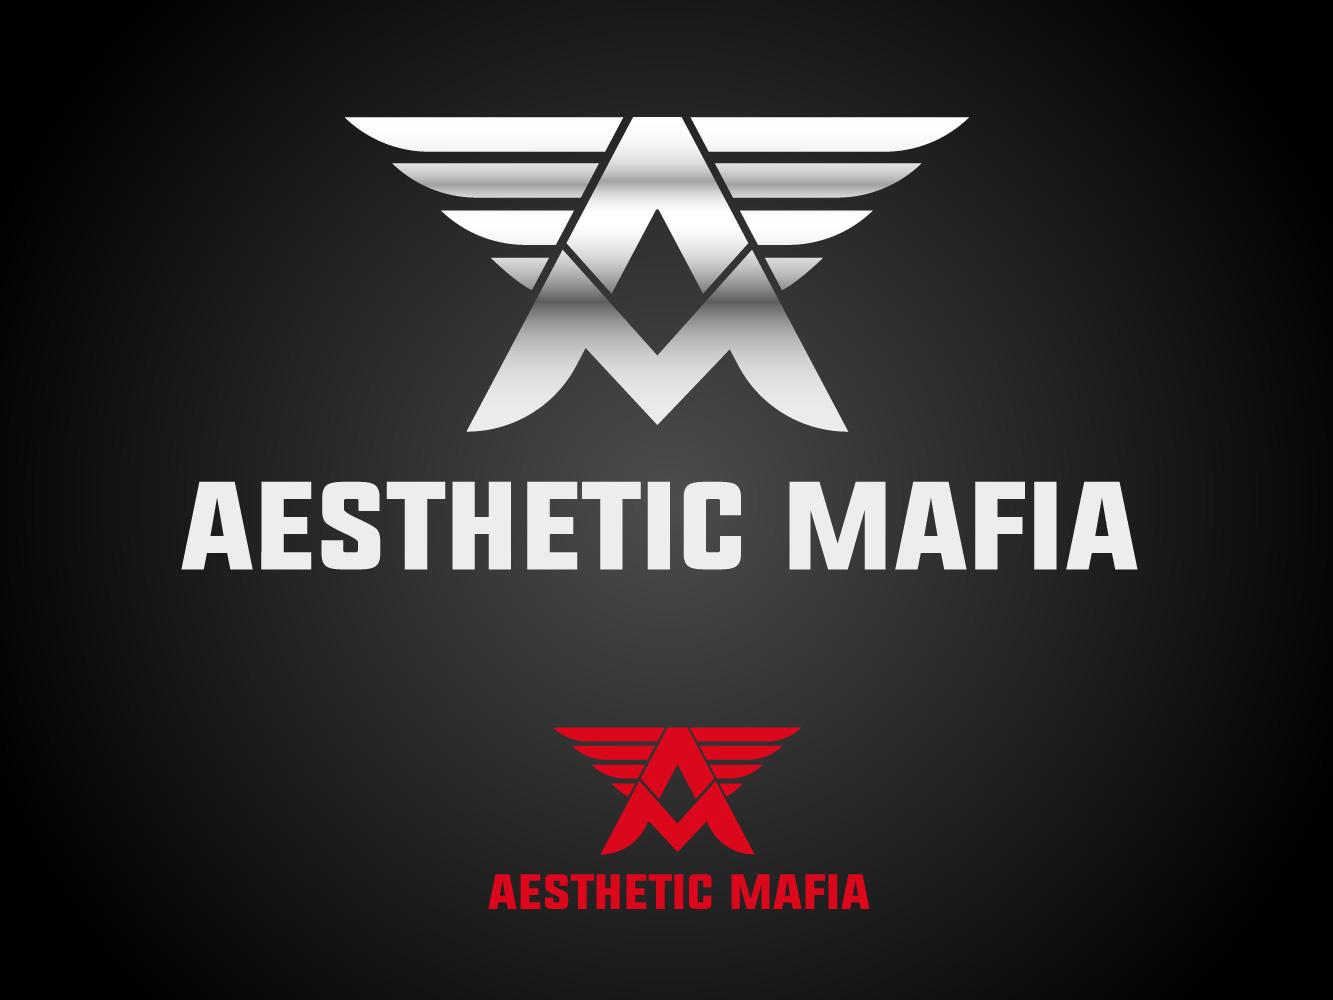 Logo Design by Allan Esclamado - Entry No. 4 in the Logo Design Contest Inspiring Logo Design for Aesthetic Apparel.